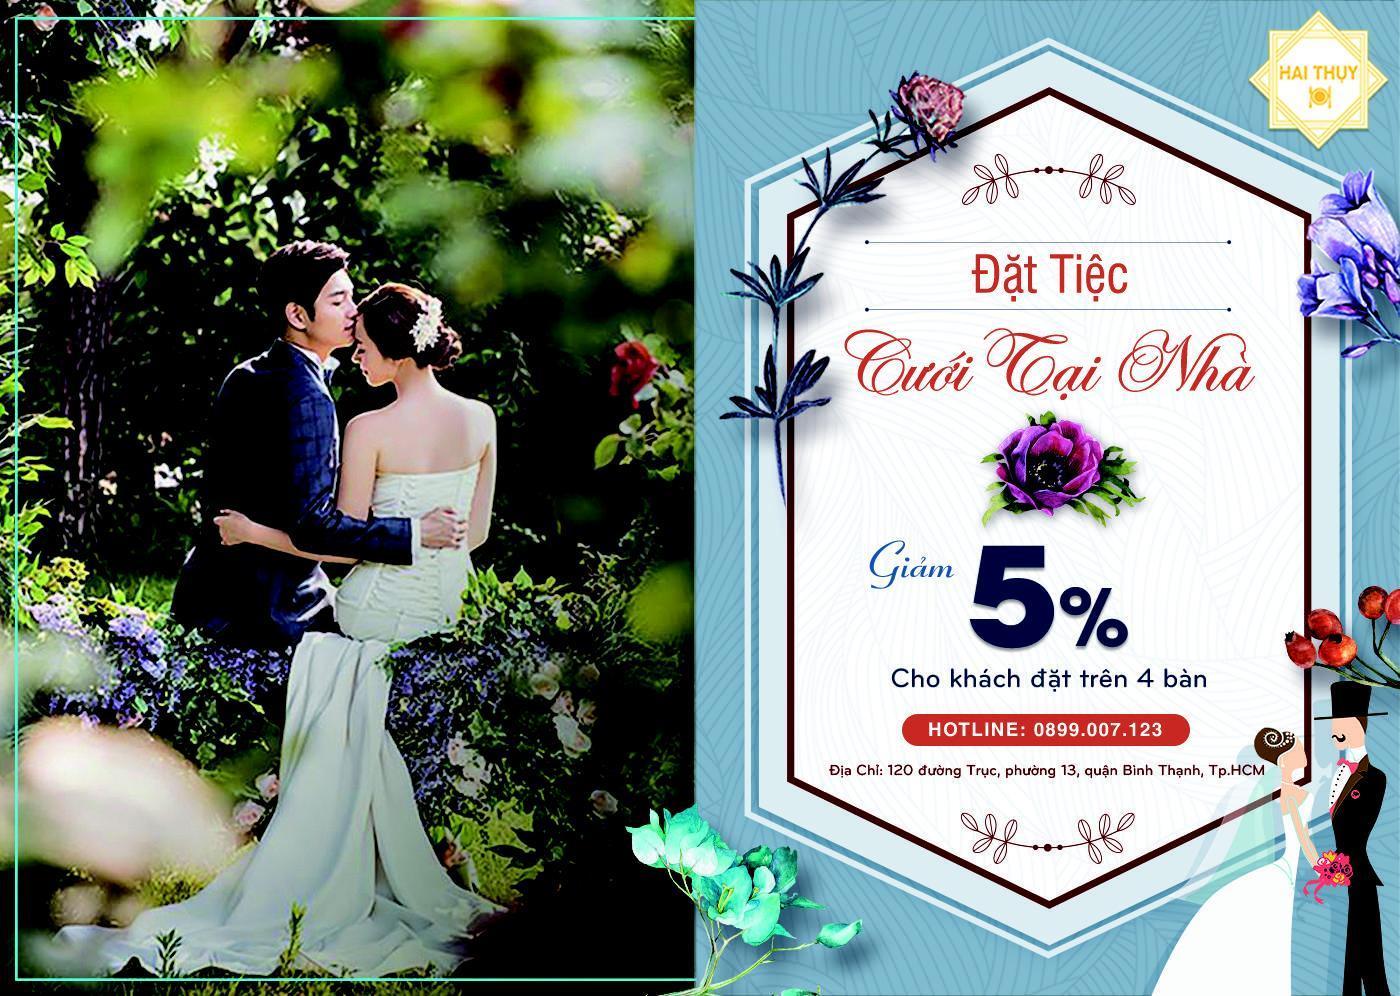 99% sự hoàn hảo bạn có được với dịch vụ đặt tiệc cưới tại nhà Hai Thụy, bạn có tin?